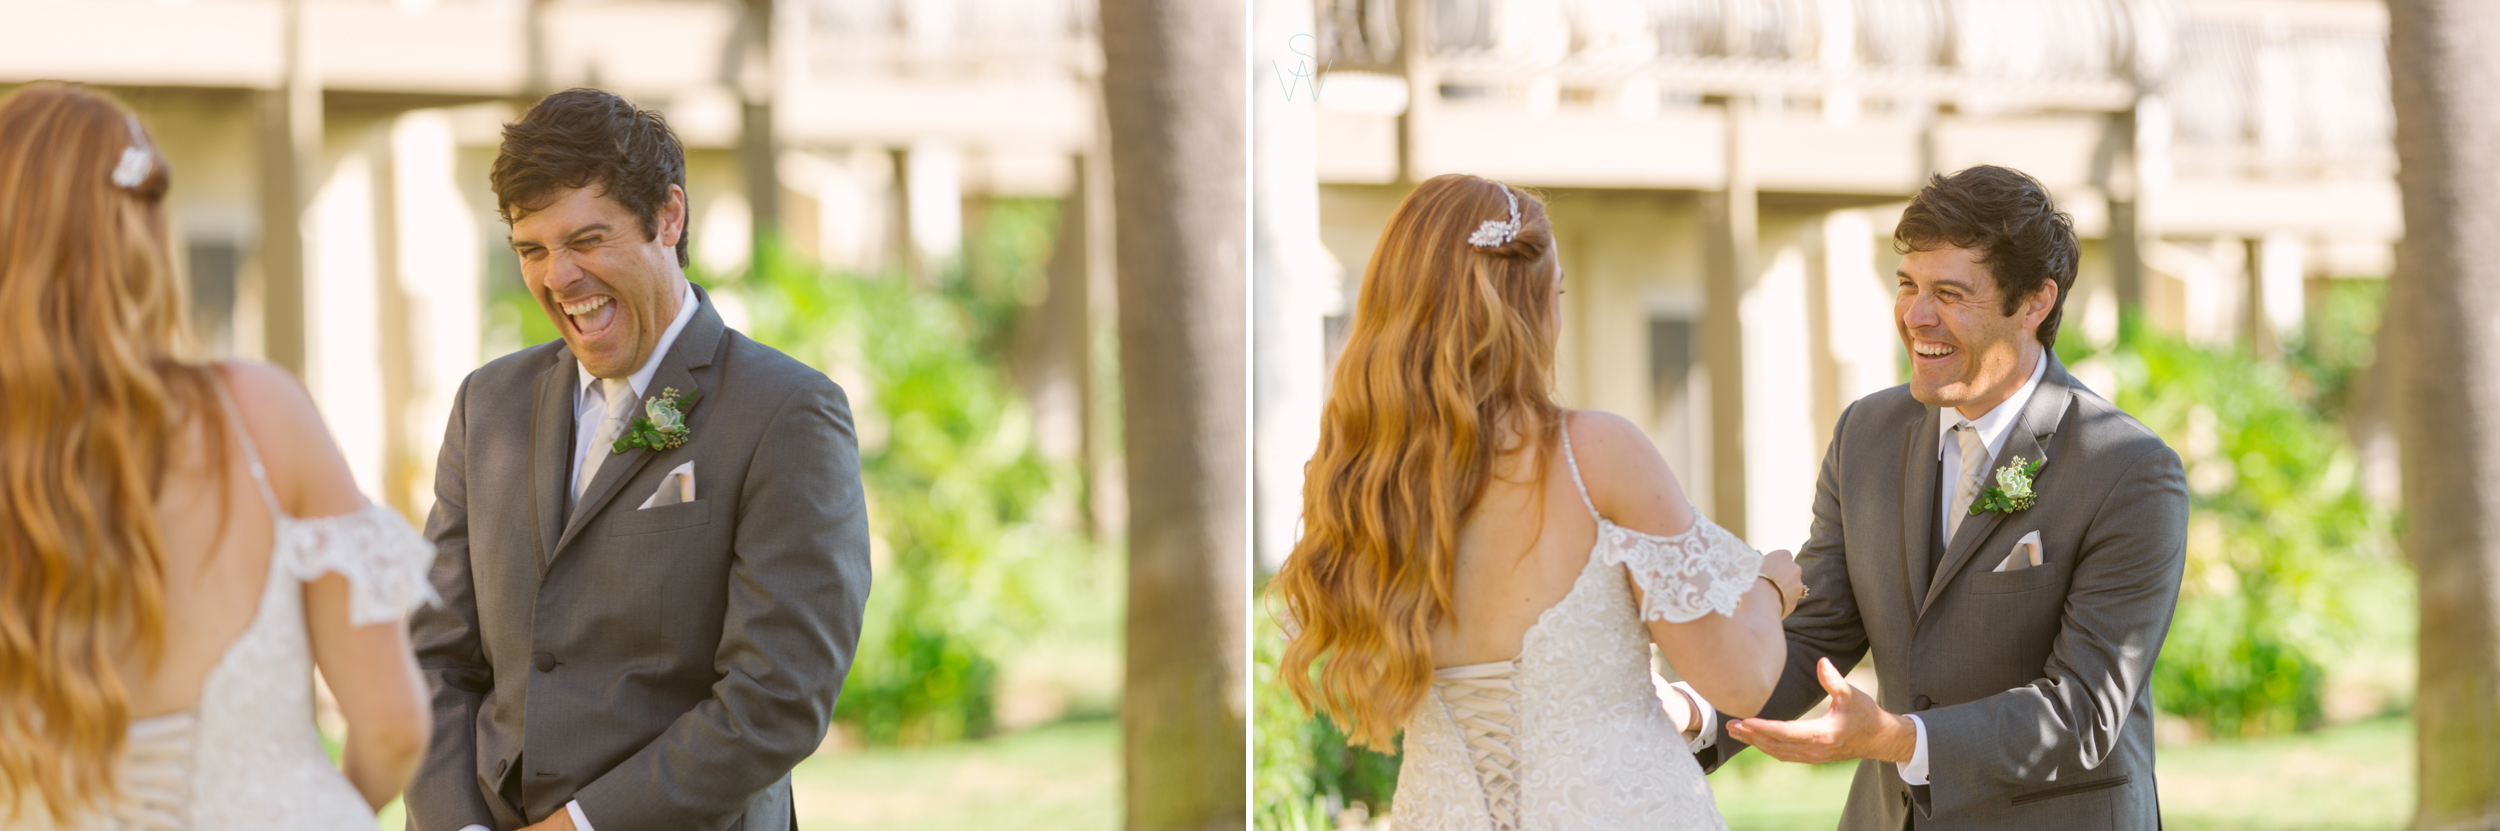 129San.diego.wedding.shewanders.photography.JPG